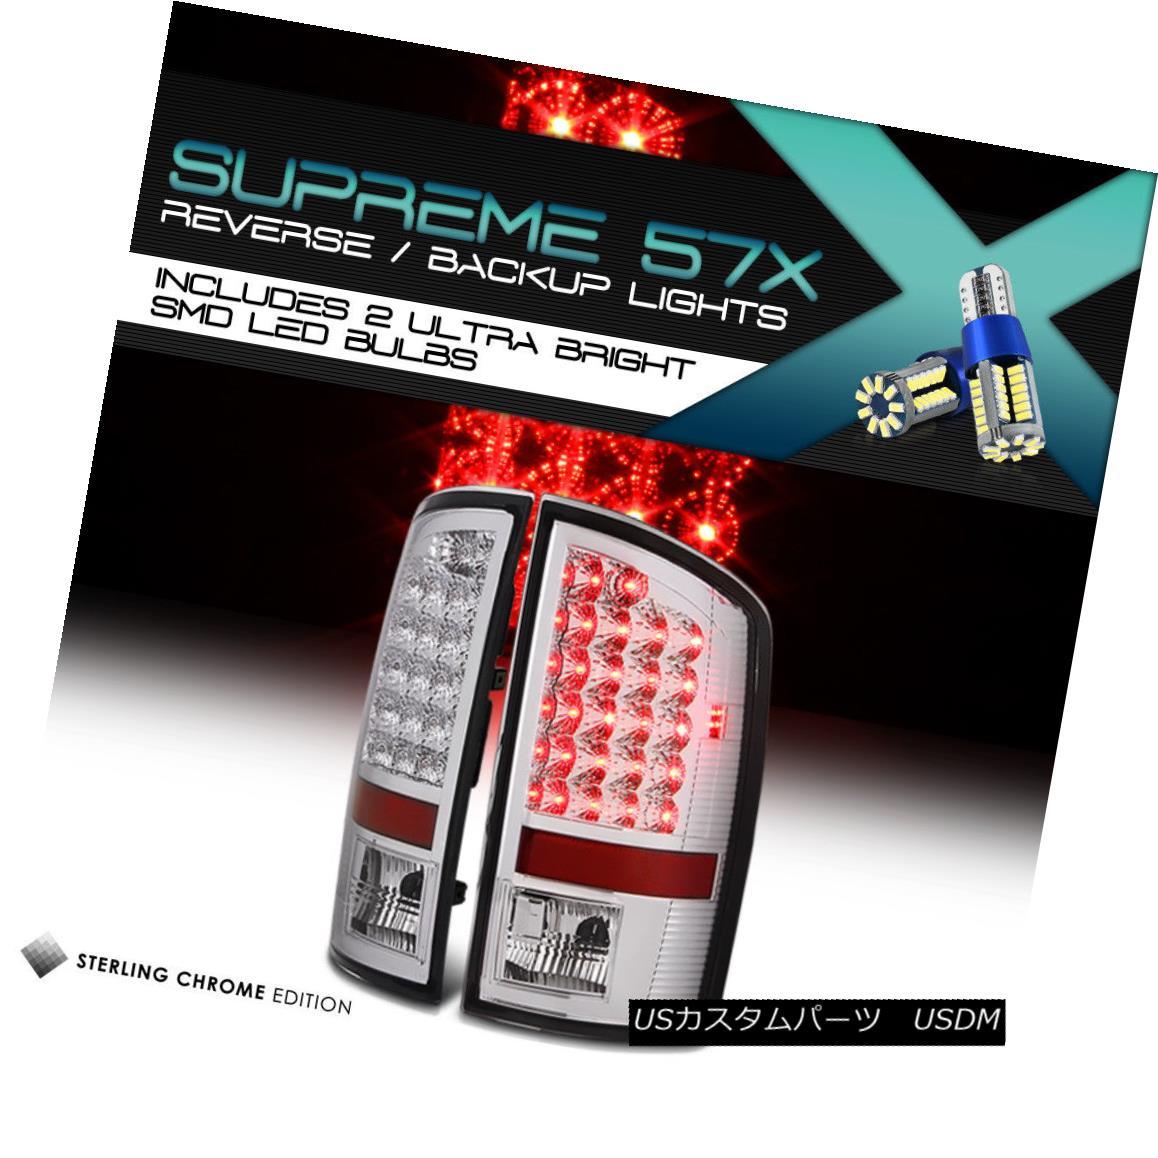 テールライト [360 DEGREE SMD BACKUP] 07-08 DODGE RAM 1500 | 2007-2009 DODGE RAM LED TAIL LAMP [360度SMDバックアップ] 07-08ドッジRAM 1500 | 2007-2009 DODGE RAM LEDテールランプ